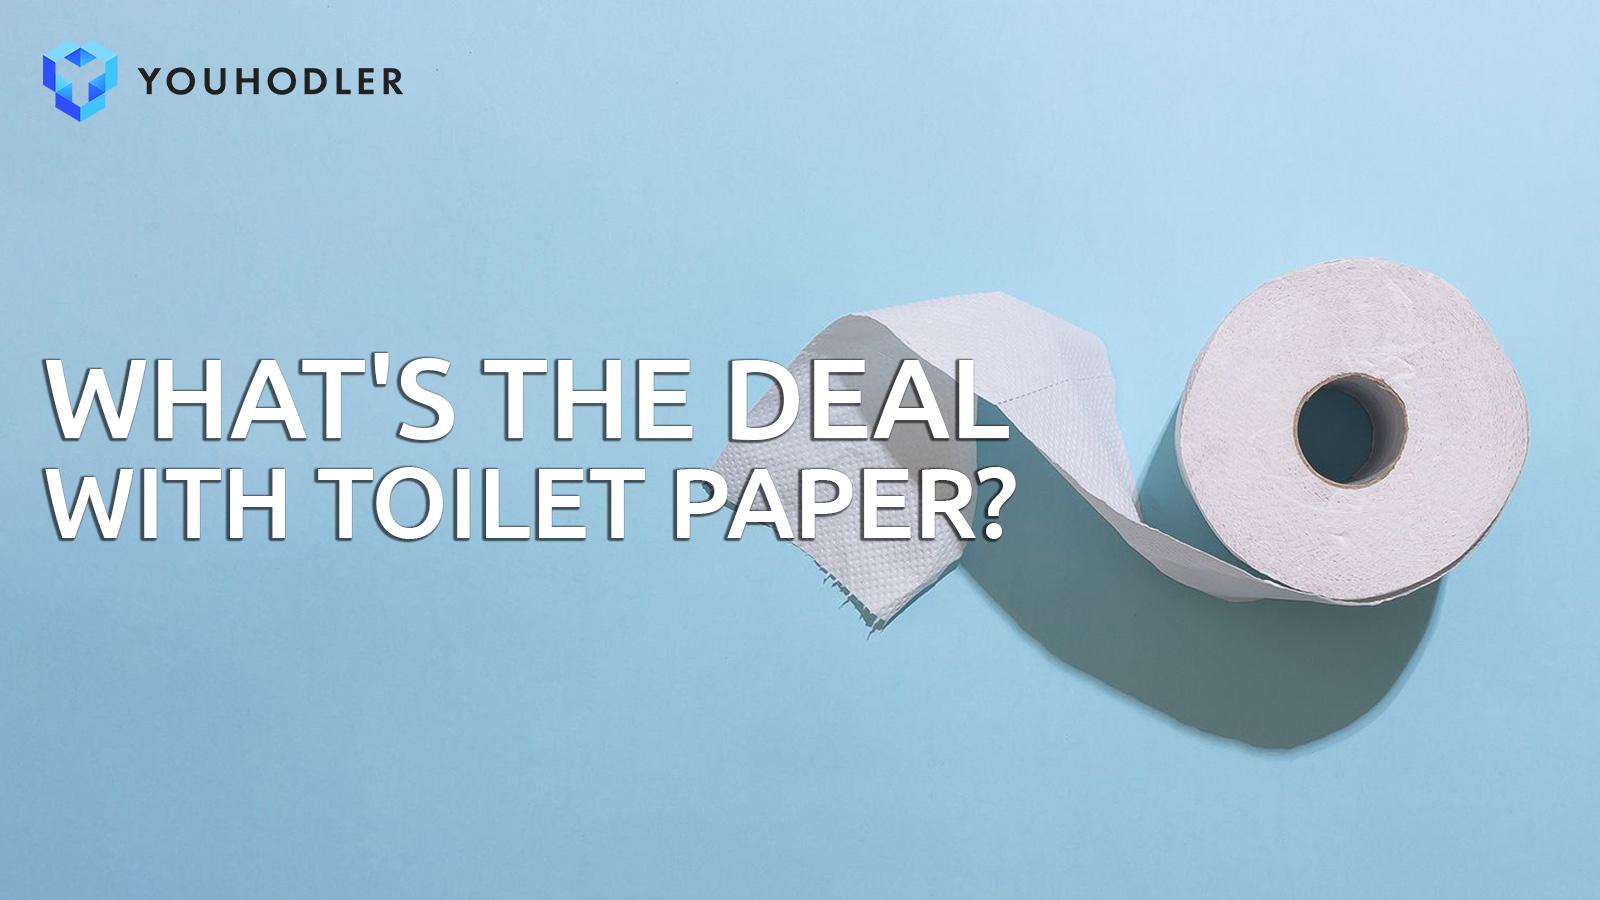 Toilet paper, COVID19, coronavirus, bitcoin, crypto lending platform, crypto market, stock market